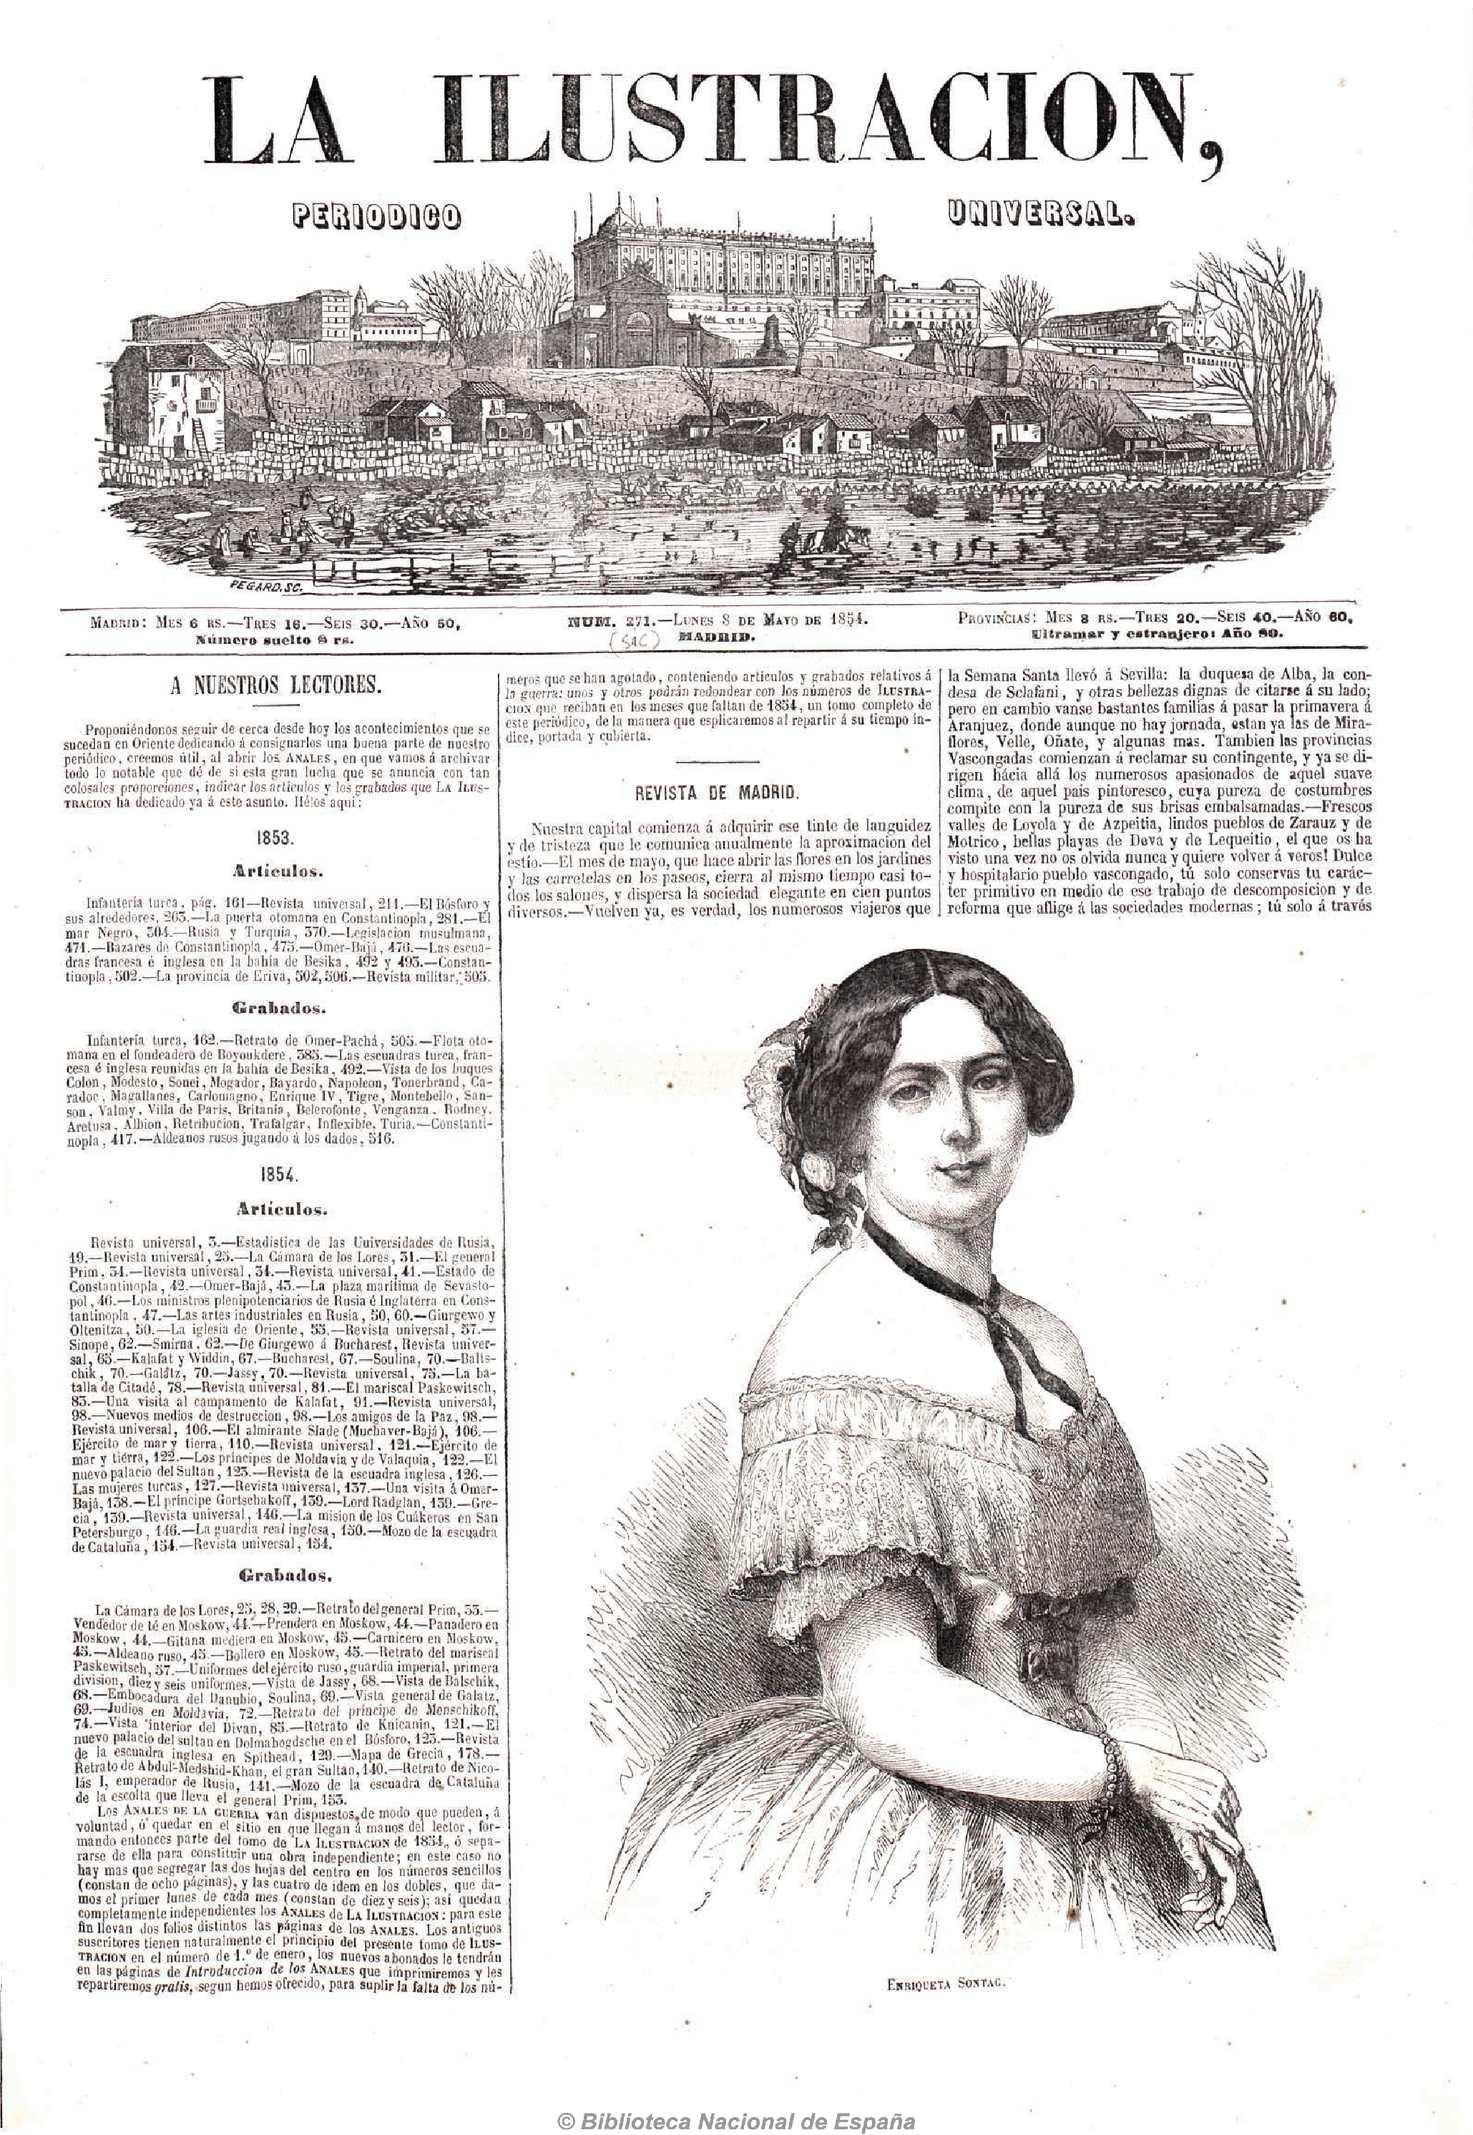 Calaméo - La Ilustración (Madrid) 8 5 1854 75aa19ecd02